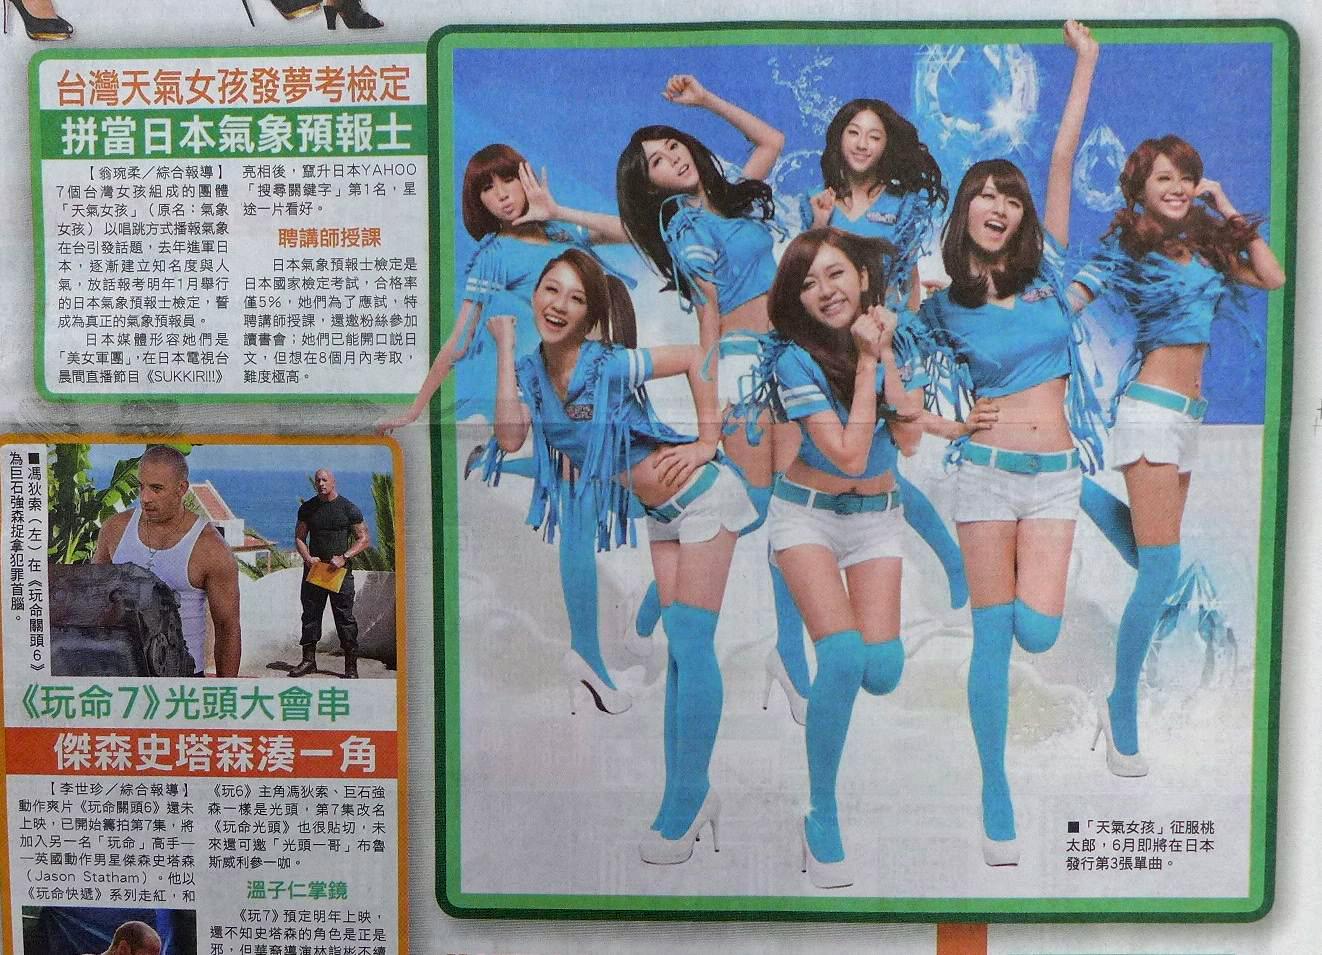 台灣天氣女孩發夢考檢定 拼當日本氣象預報士